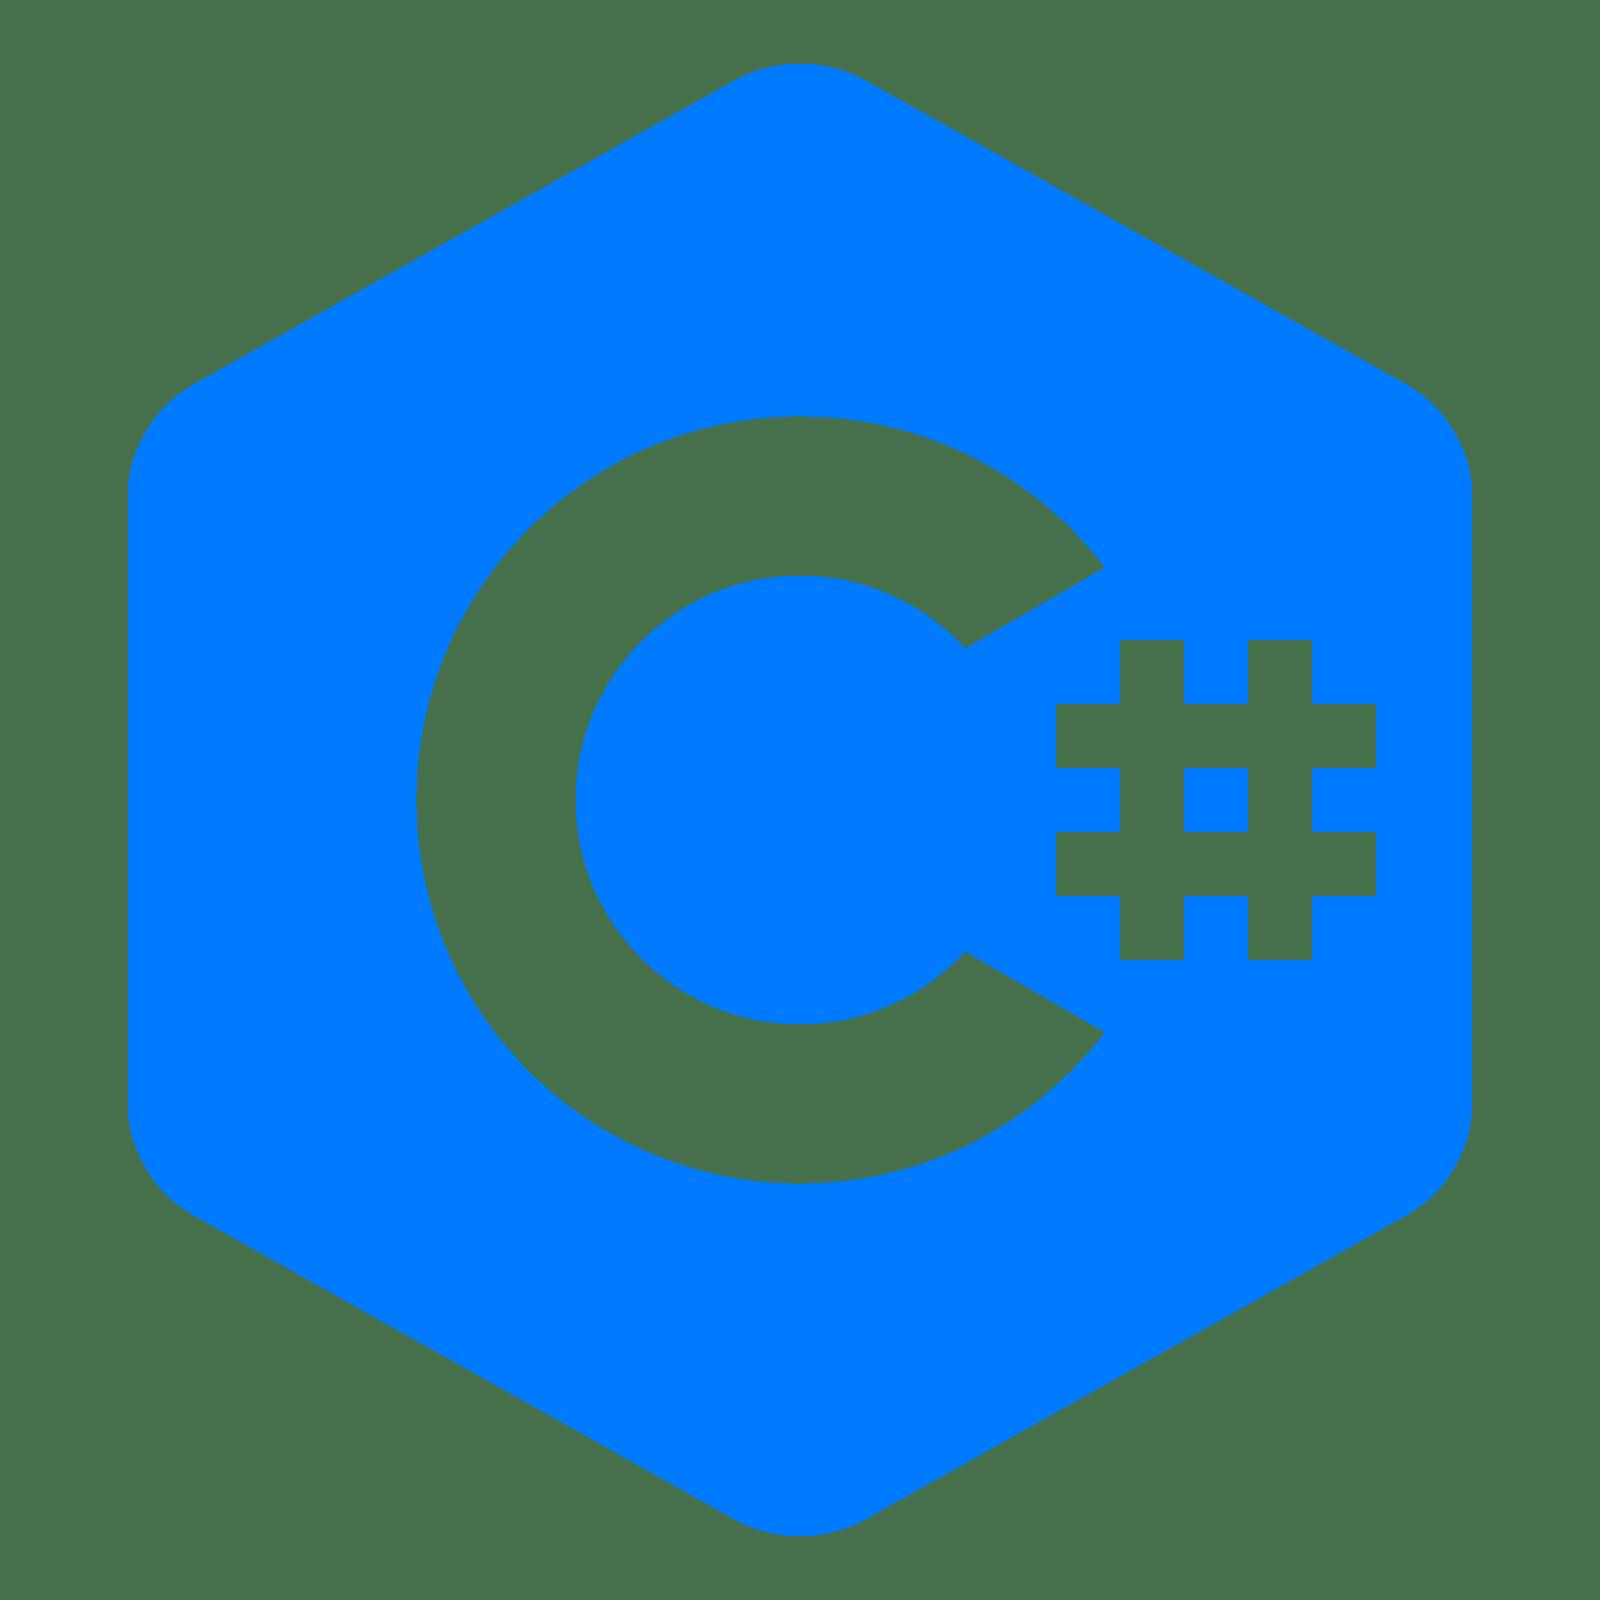 học lập trình C# ngay lập tức